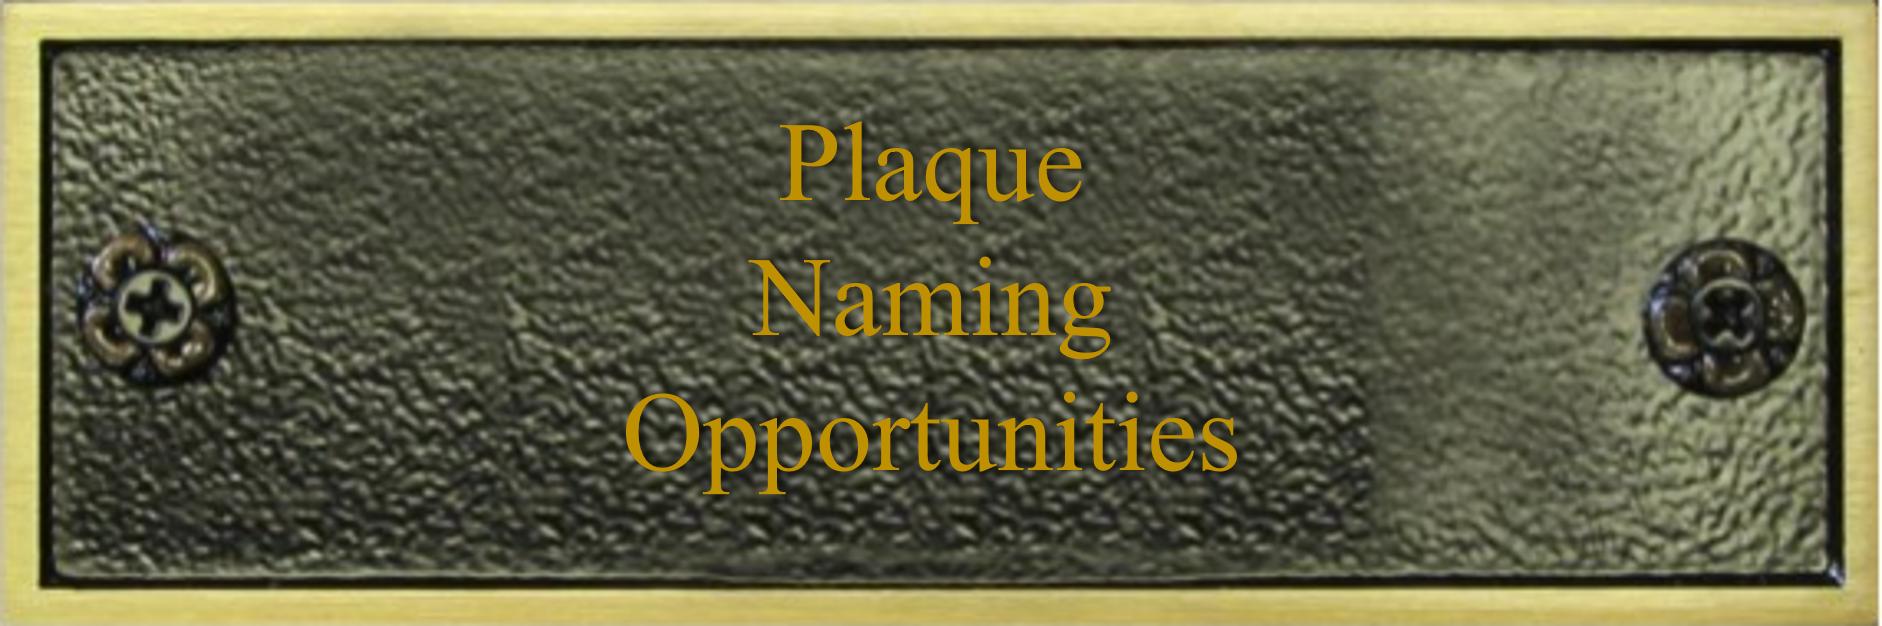 CDI Naming Plaque